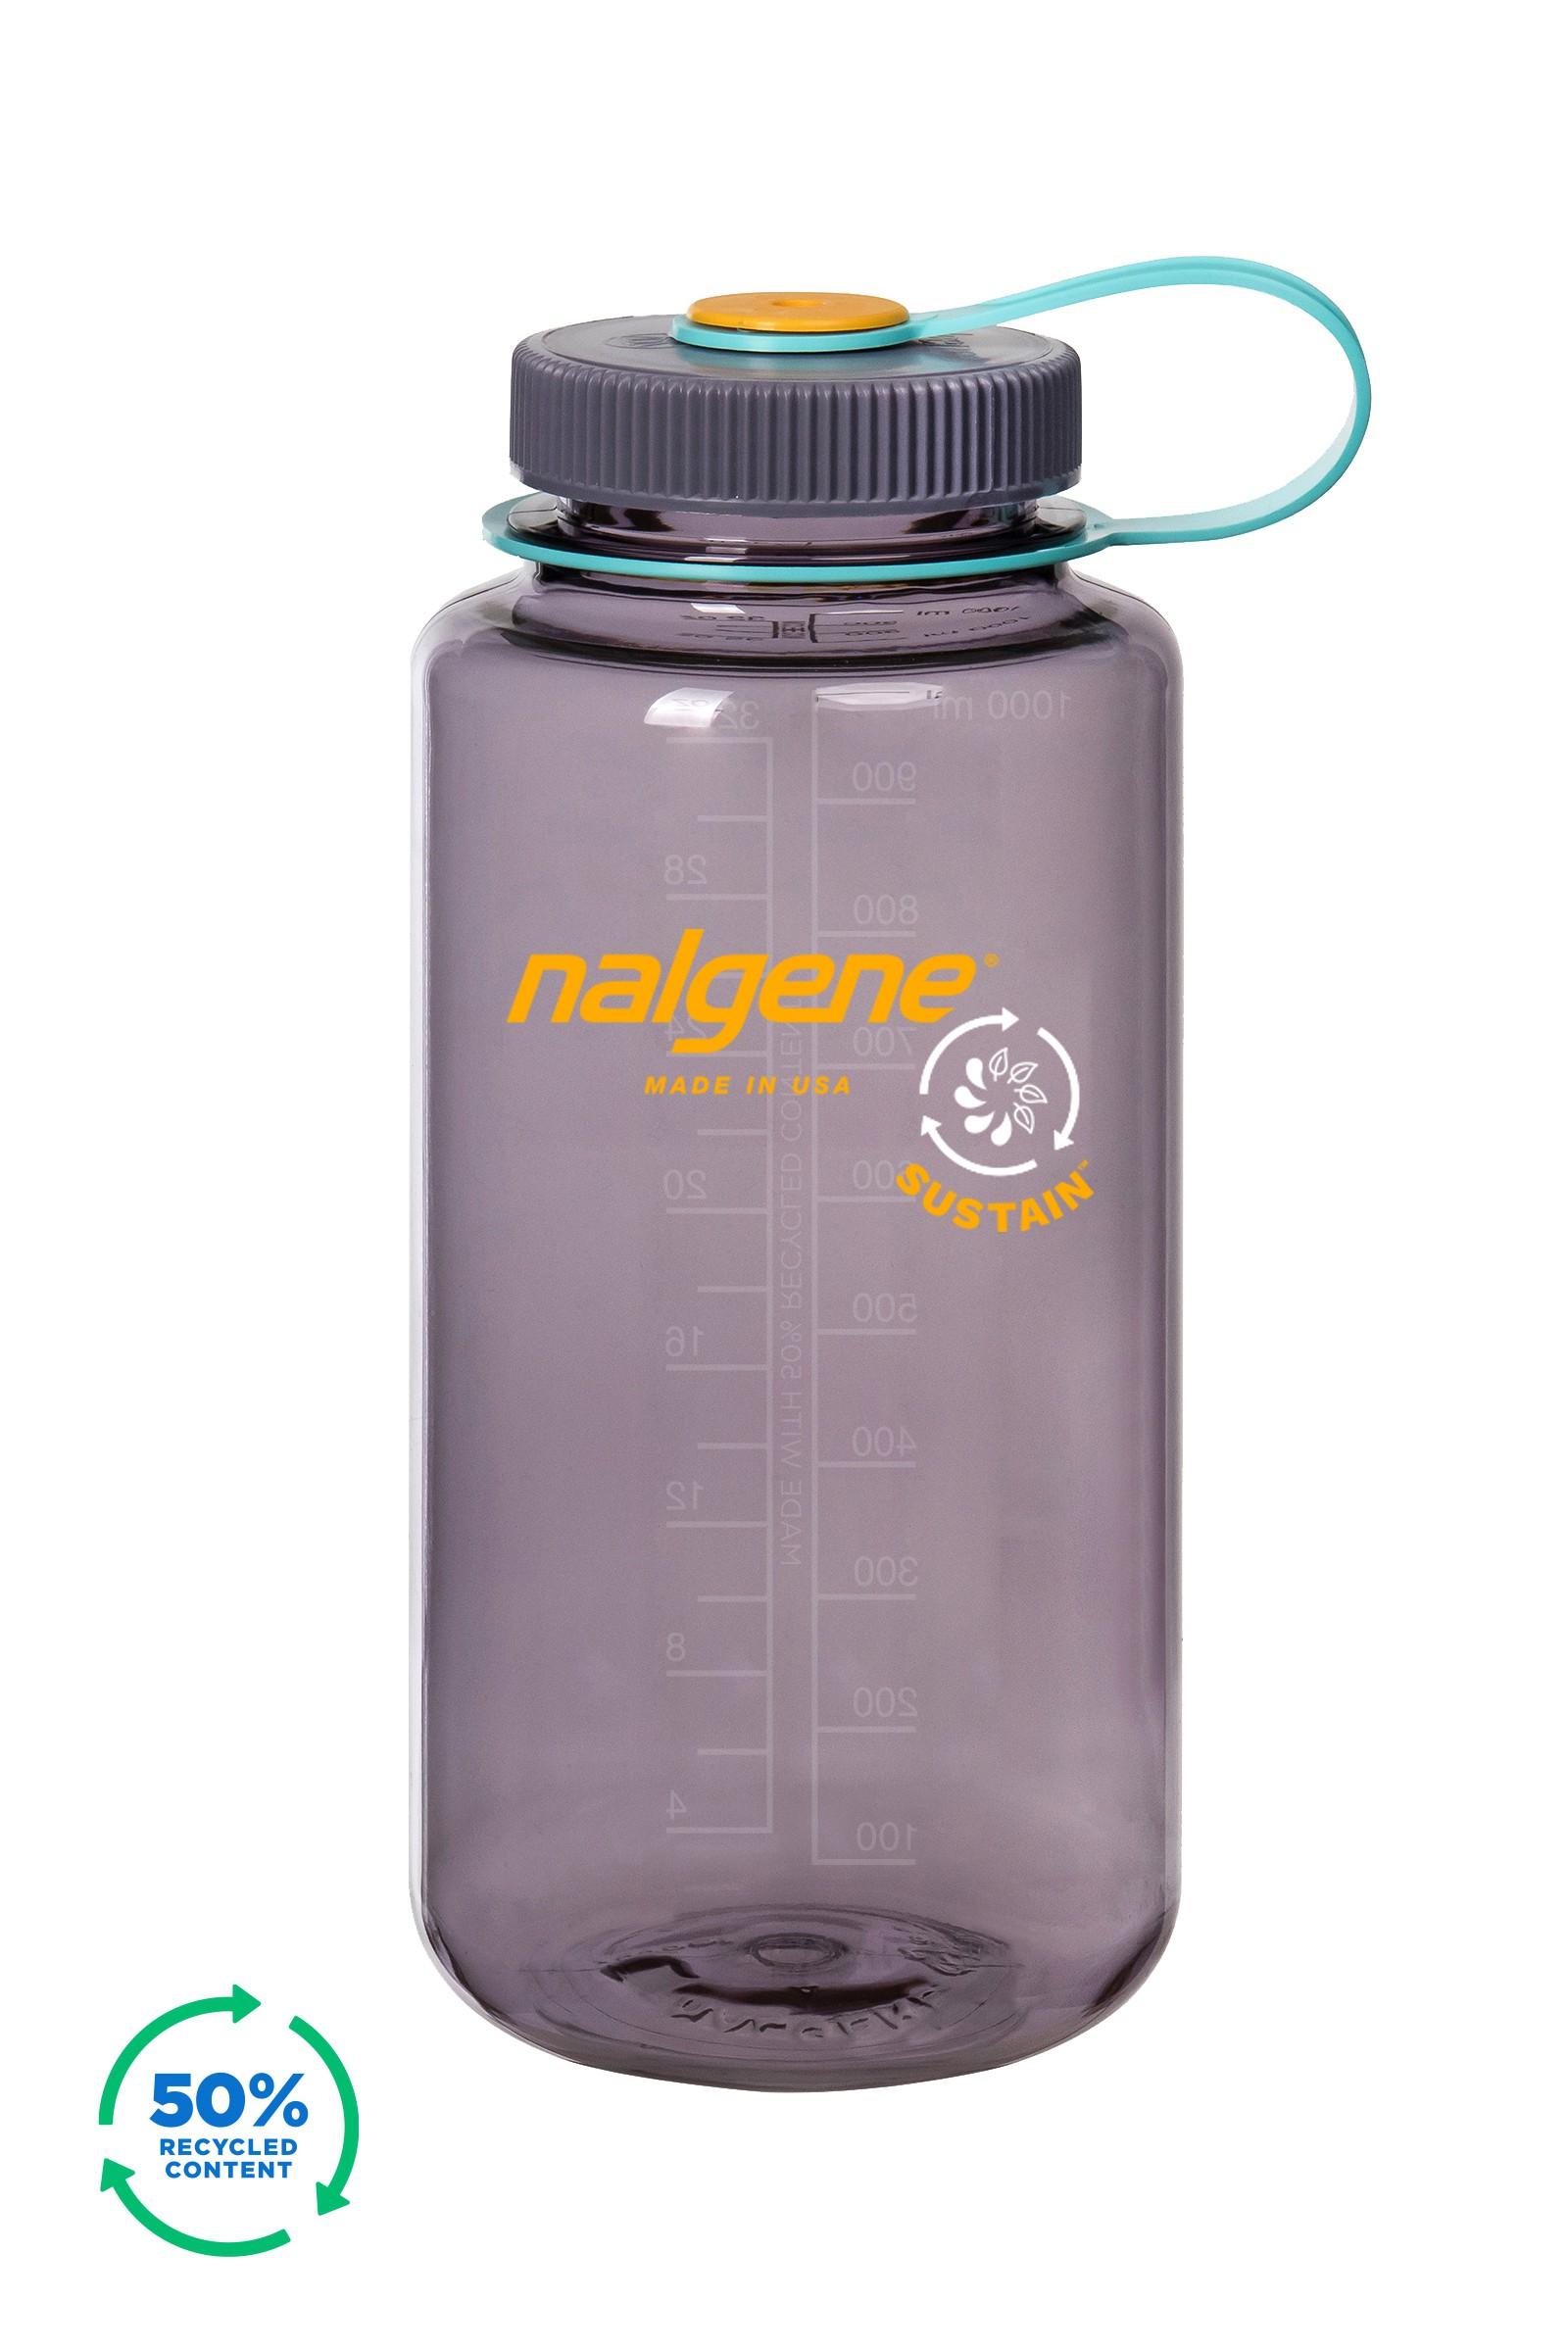 Bouteille Nalgène 1 L Recyclée - Sustain